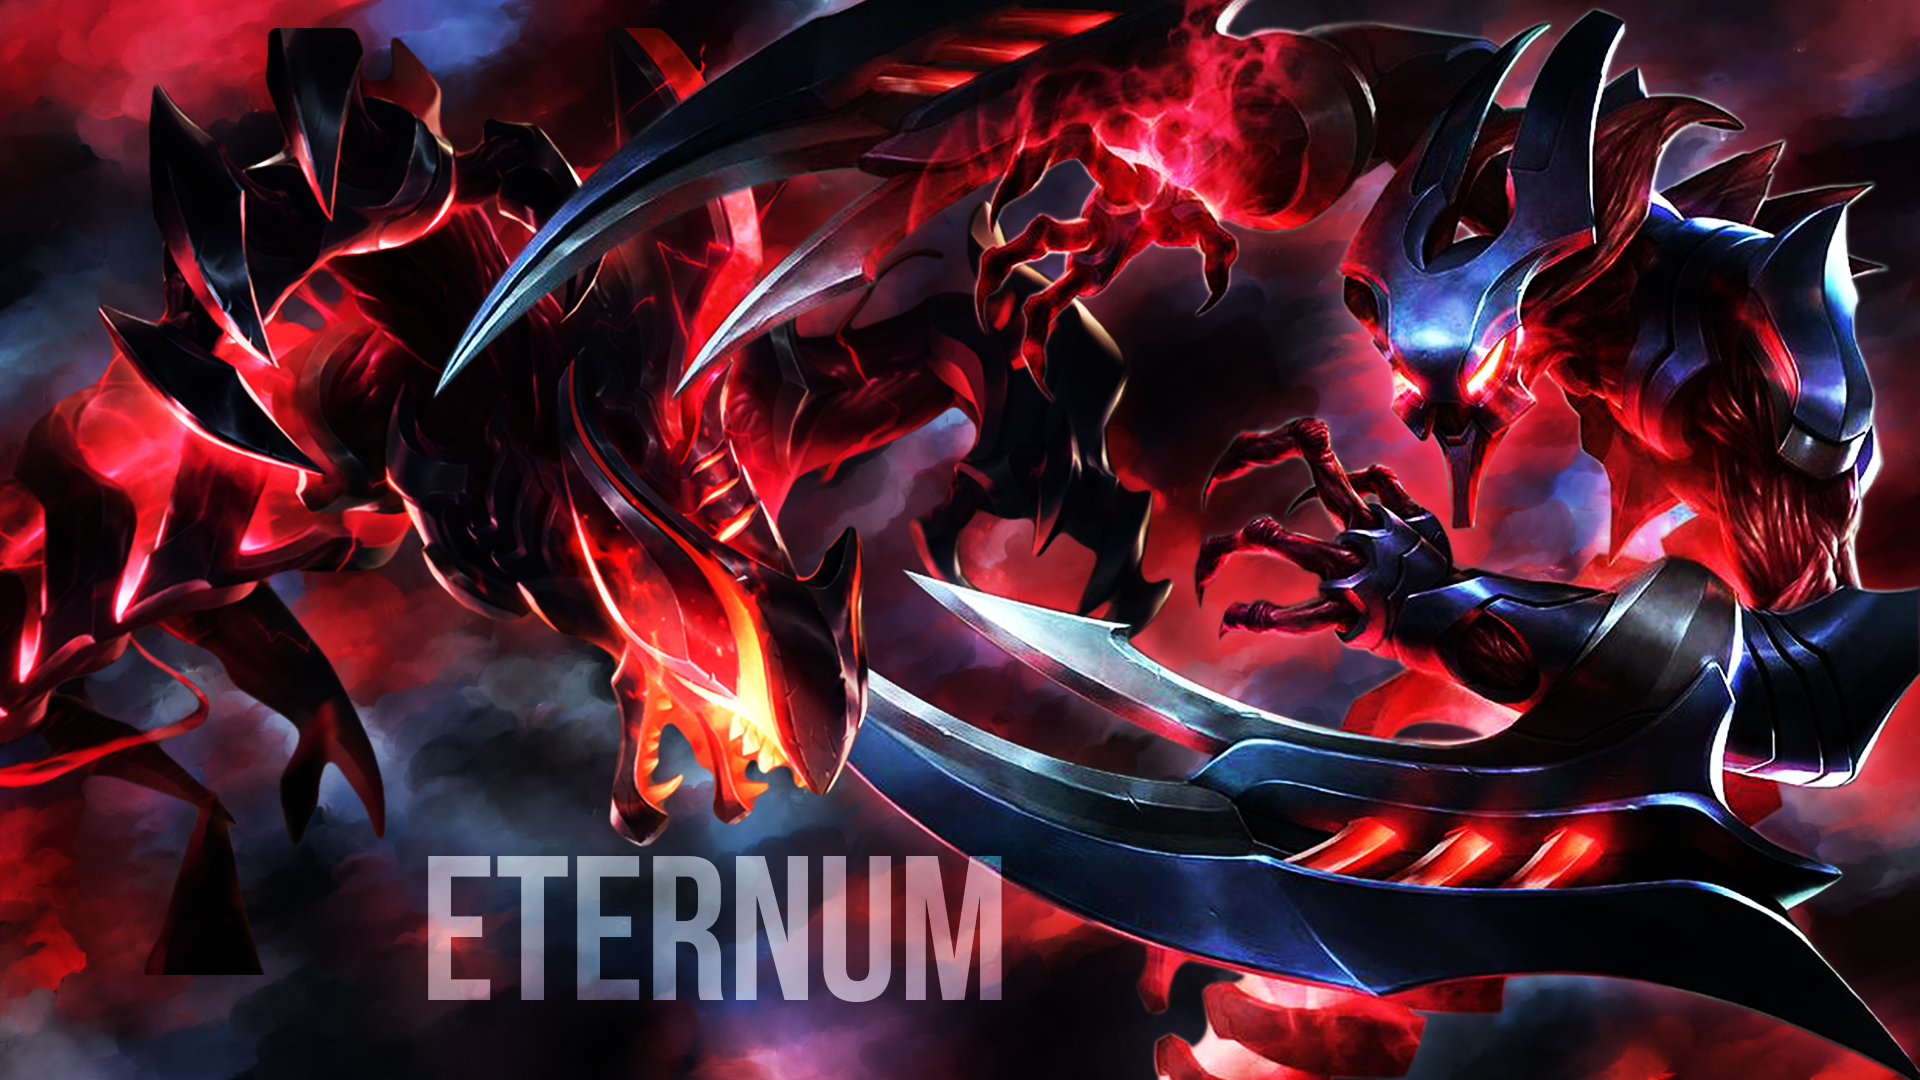 Eternum Rek'Sai & Eternum Nocturne wallpaper